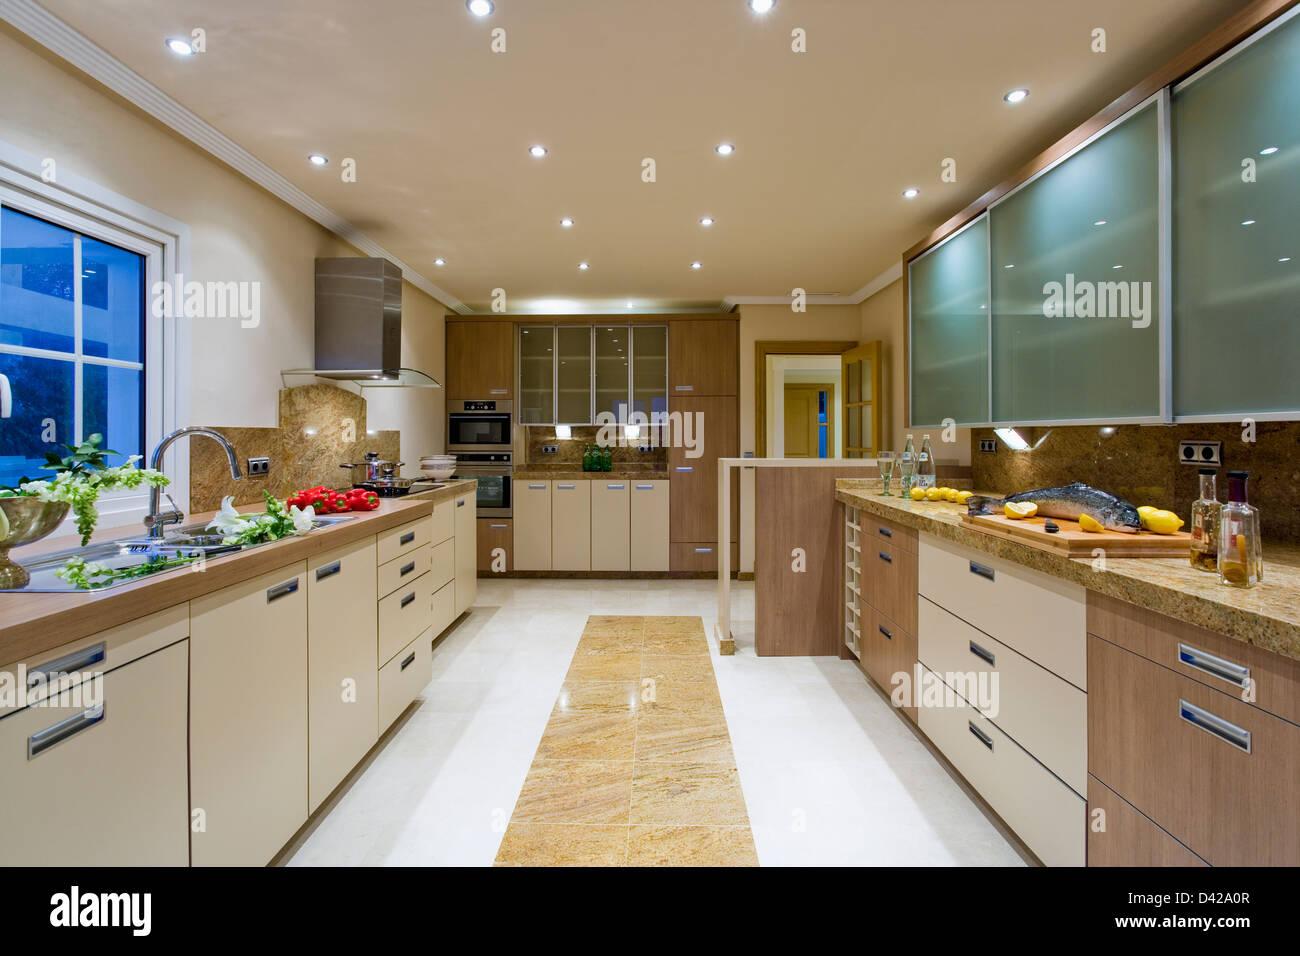 Gemütlich Küche Speiselichtideen Fotos - Ideen Für Die Küche ...